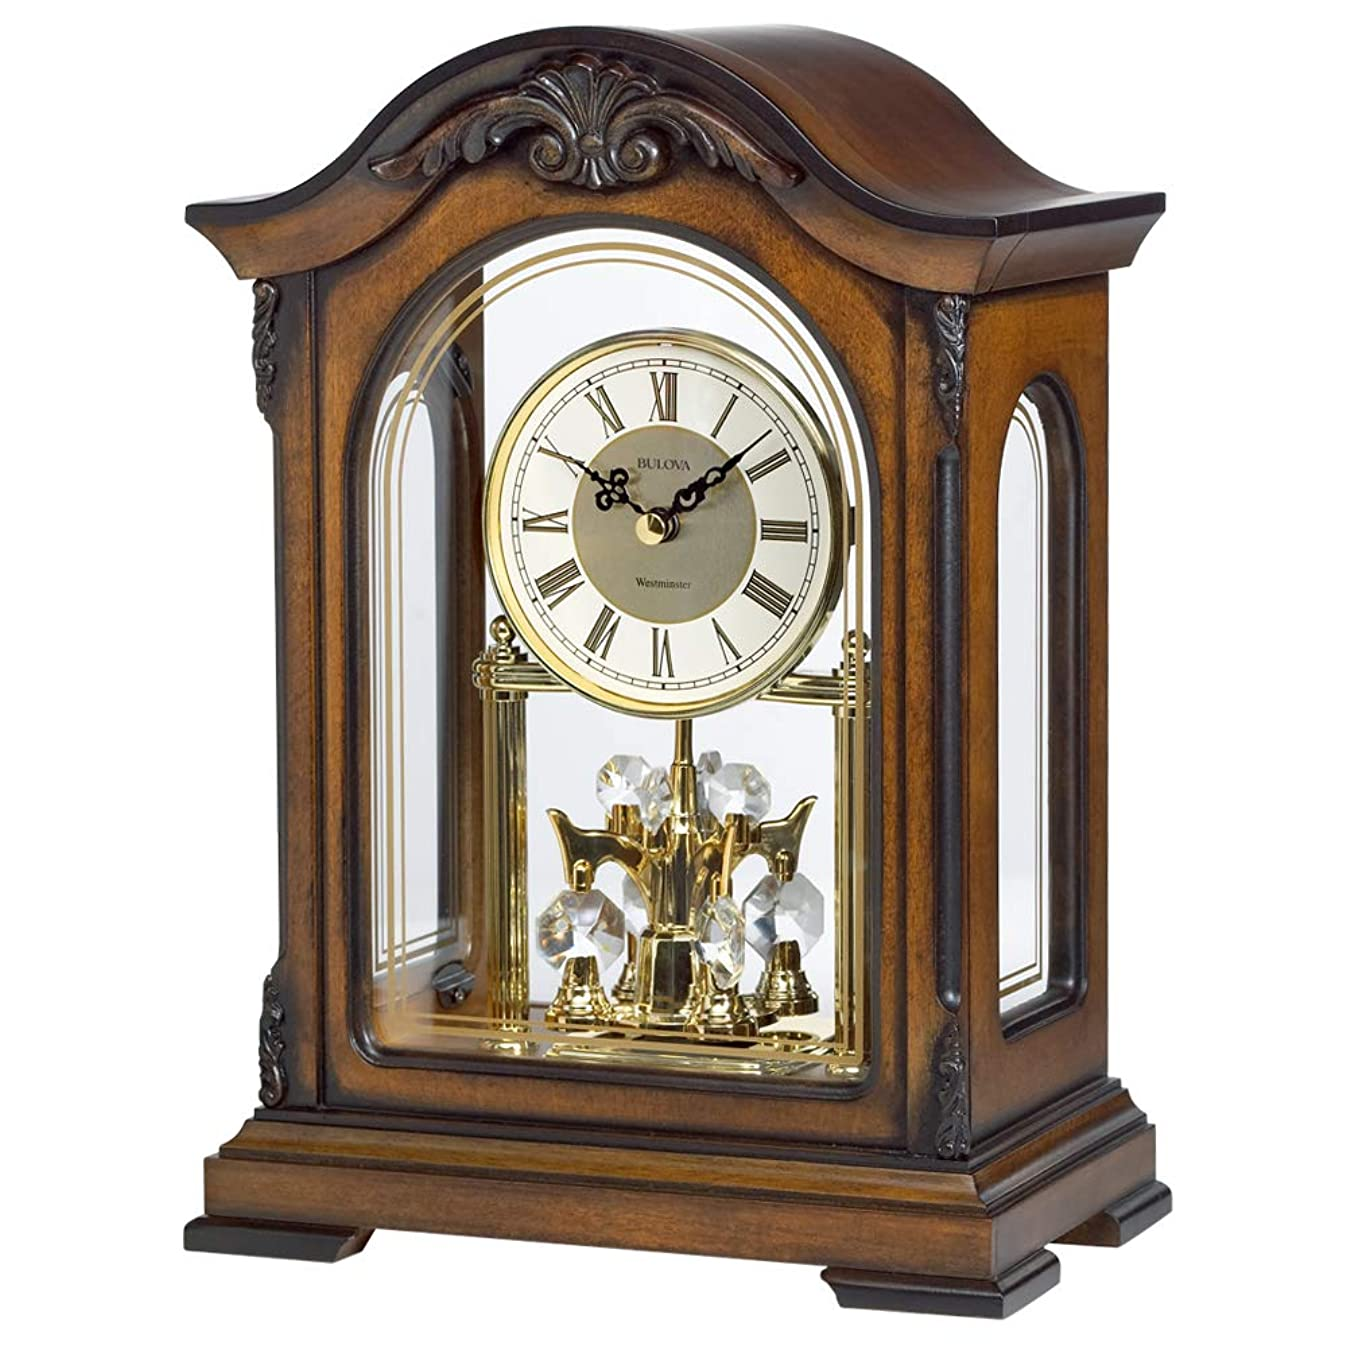 Bulova B1845 Durant Chiming Clock, Walnut